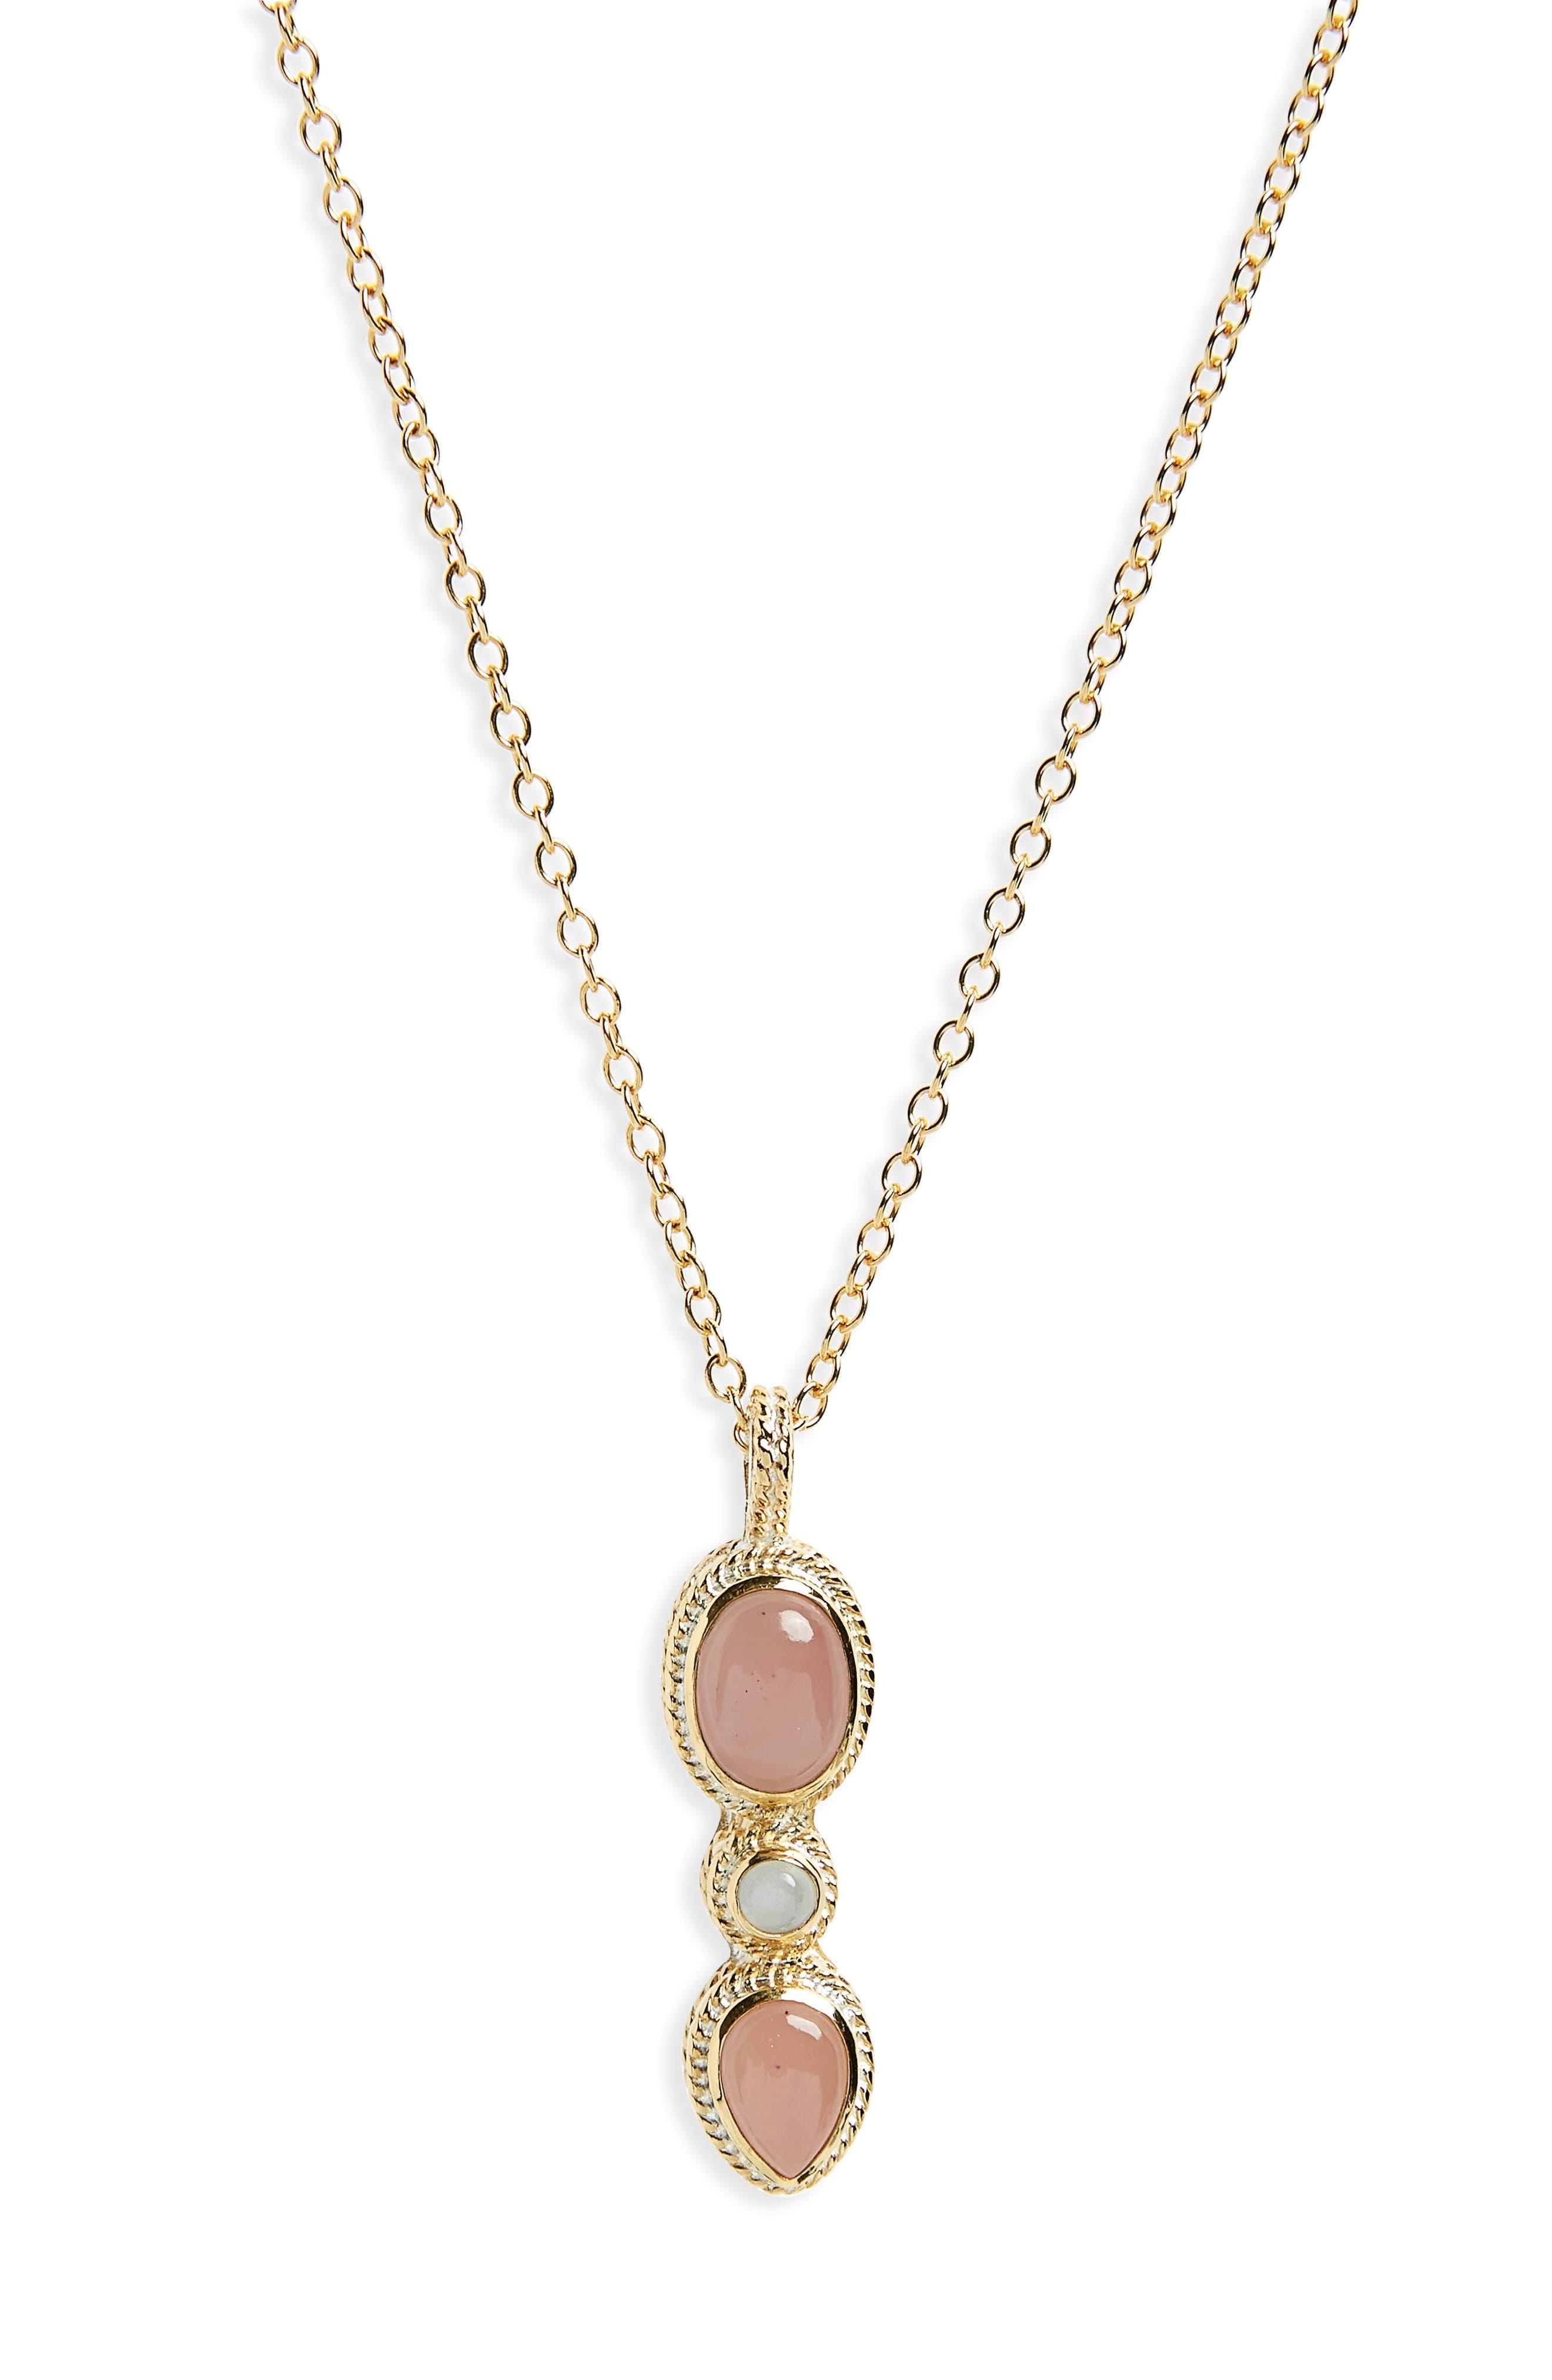 Guava Quartz Pendant Necklace,                             Main thumbnail 1, color,                             Gold/ Guava Quartz/ Moonstone